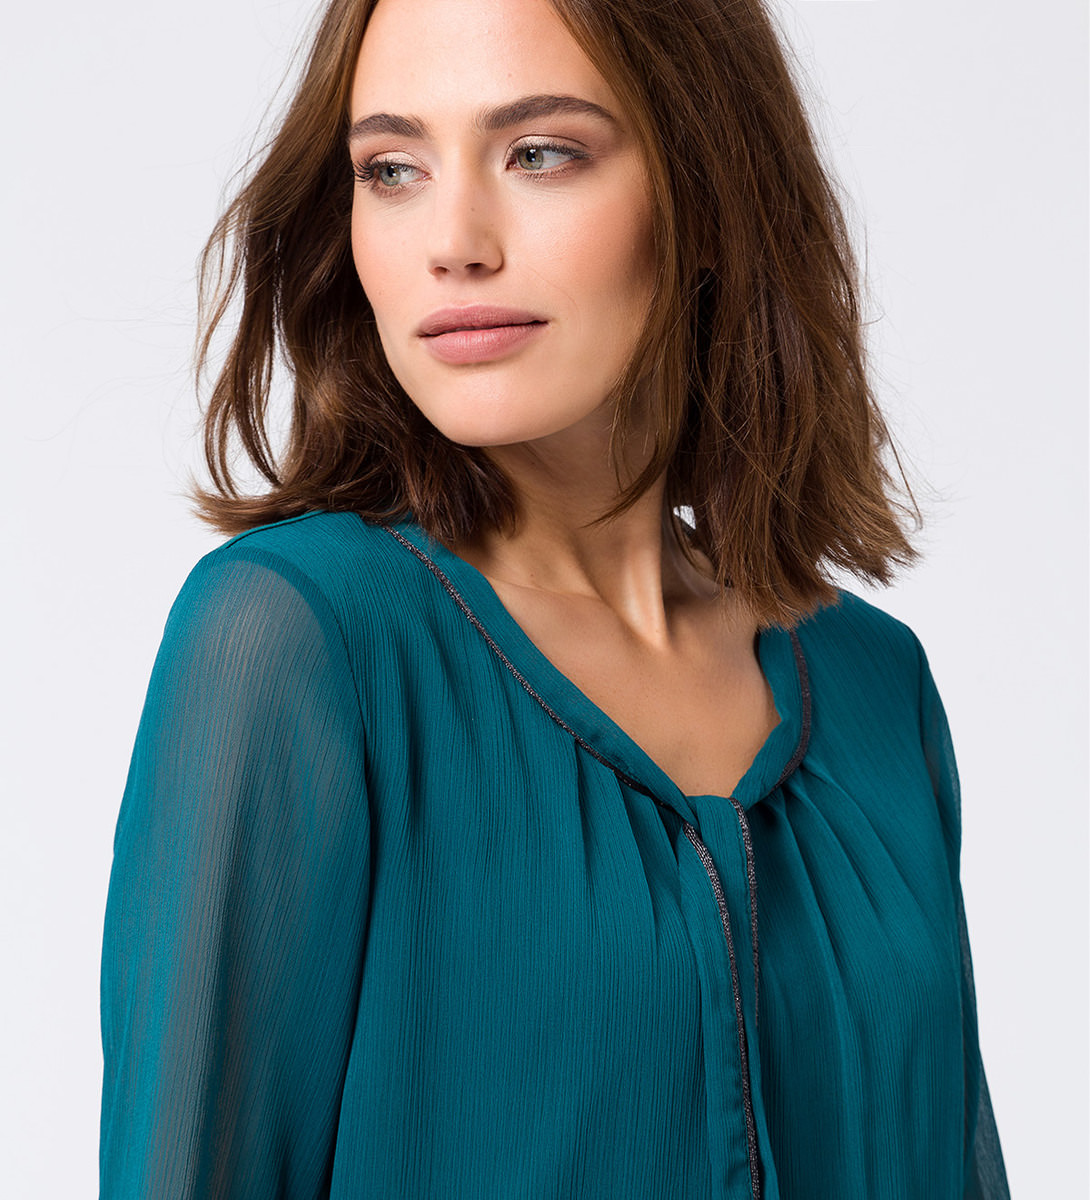 Bluse in weich fließender Qualität in dark teal